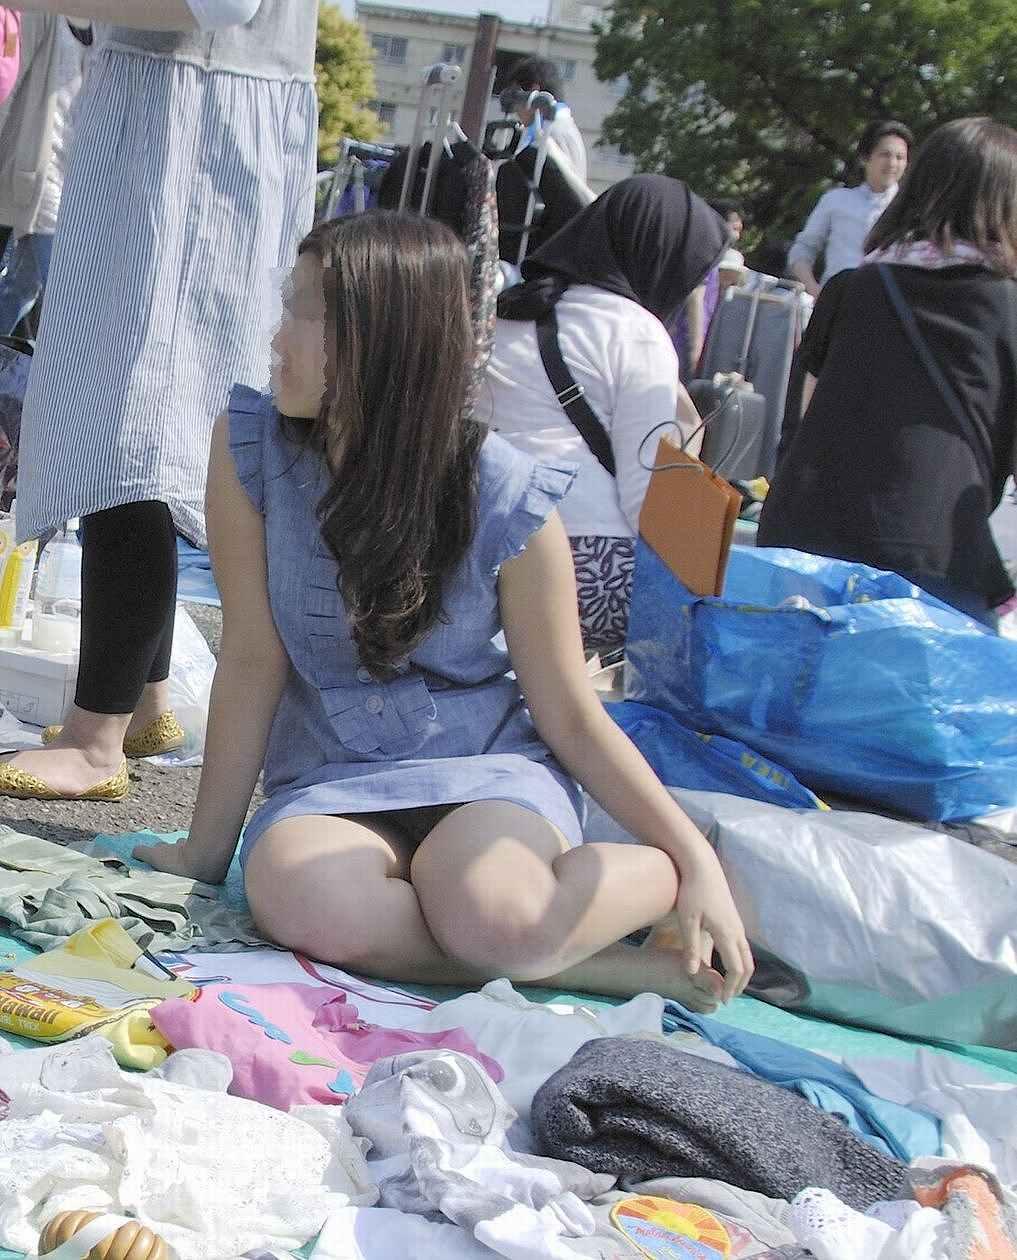 【パンチラエロ画像】ミニスカなのに性懲りも無くしゃがみ込む女が多いからどこ見ていいか判断に迷うwww 07